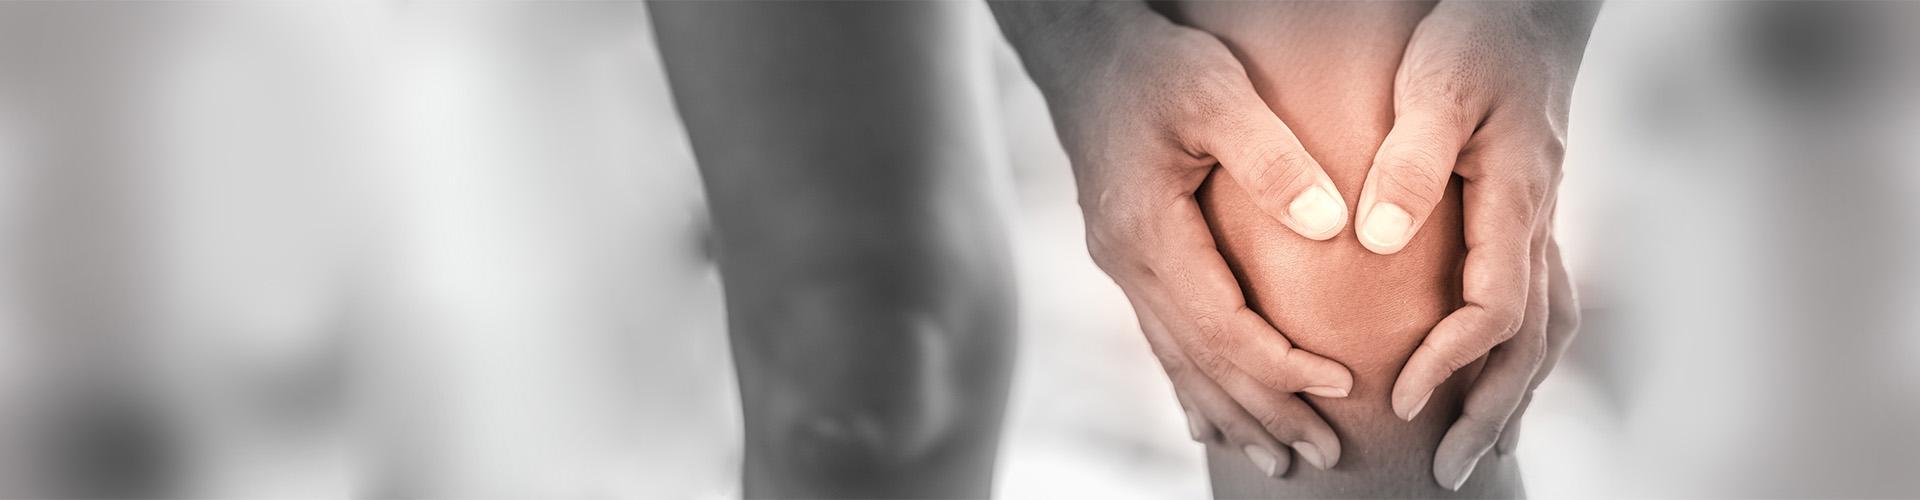 STIWELL Neurorehabilitation   meniscus rupture